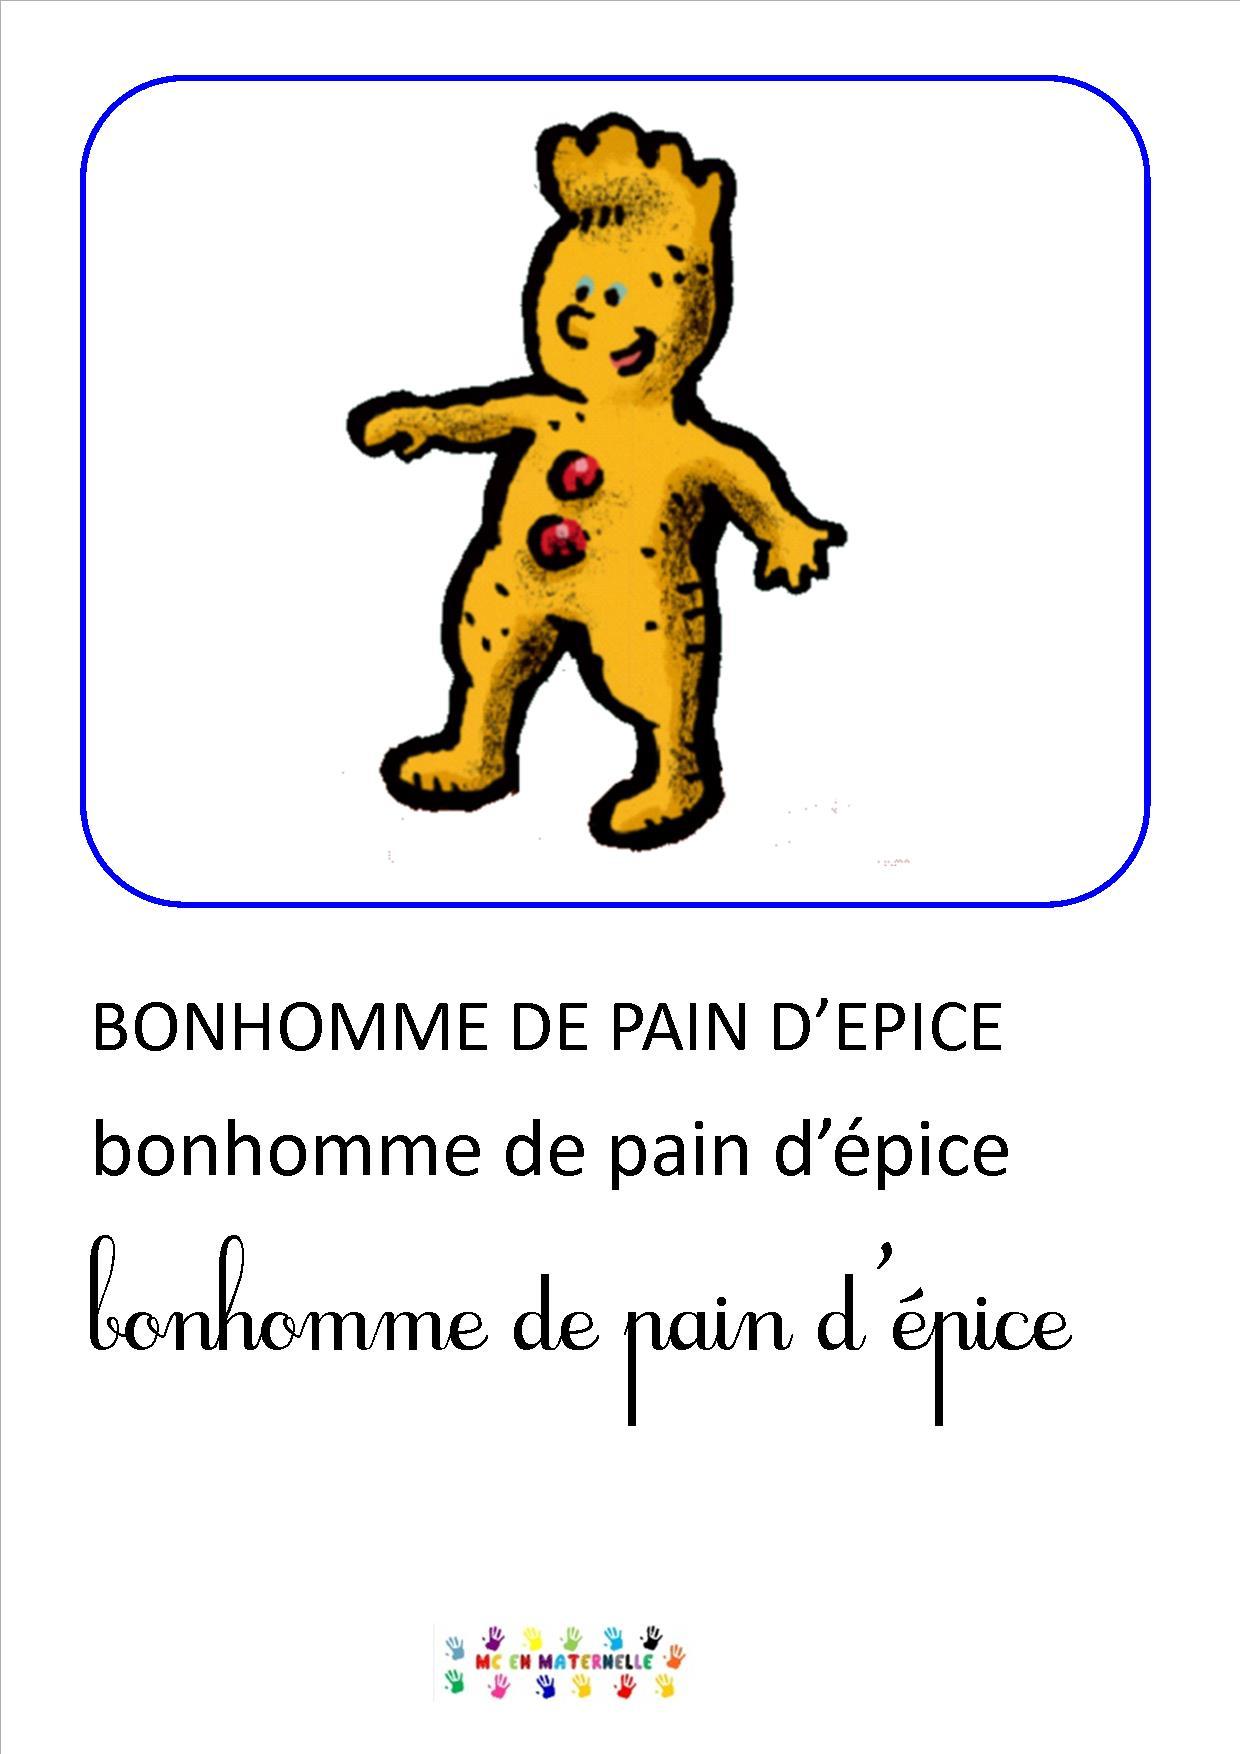 Petit bonhomme de pain d pice imagier mc en maternelle - Coloriage petit bonhomme de pain d epice ...